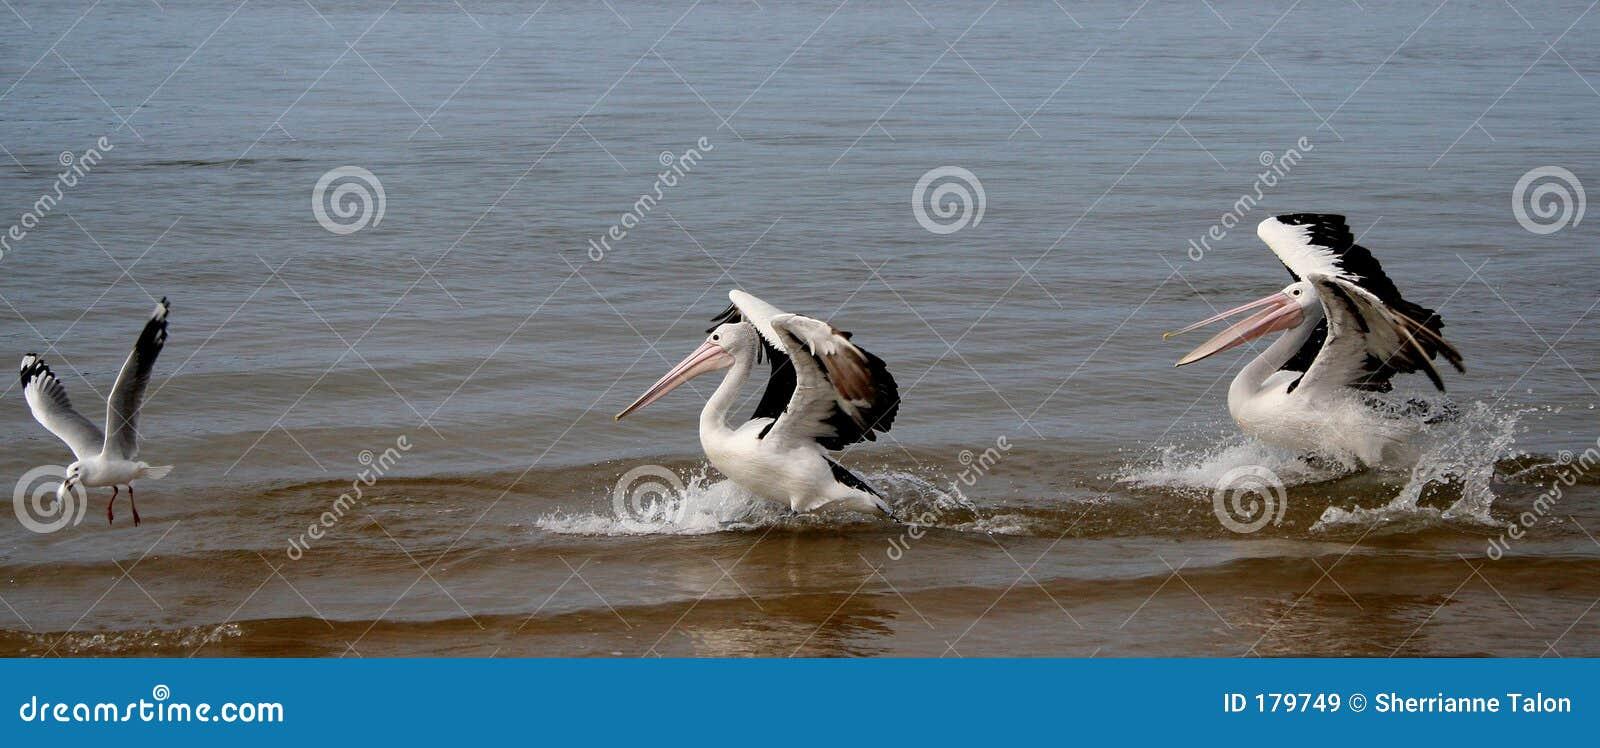 ¡Siga ese pescado!!!